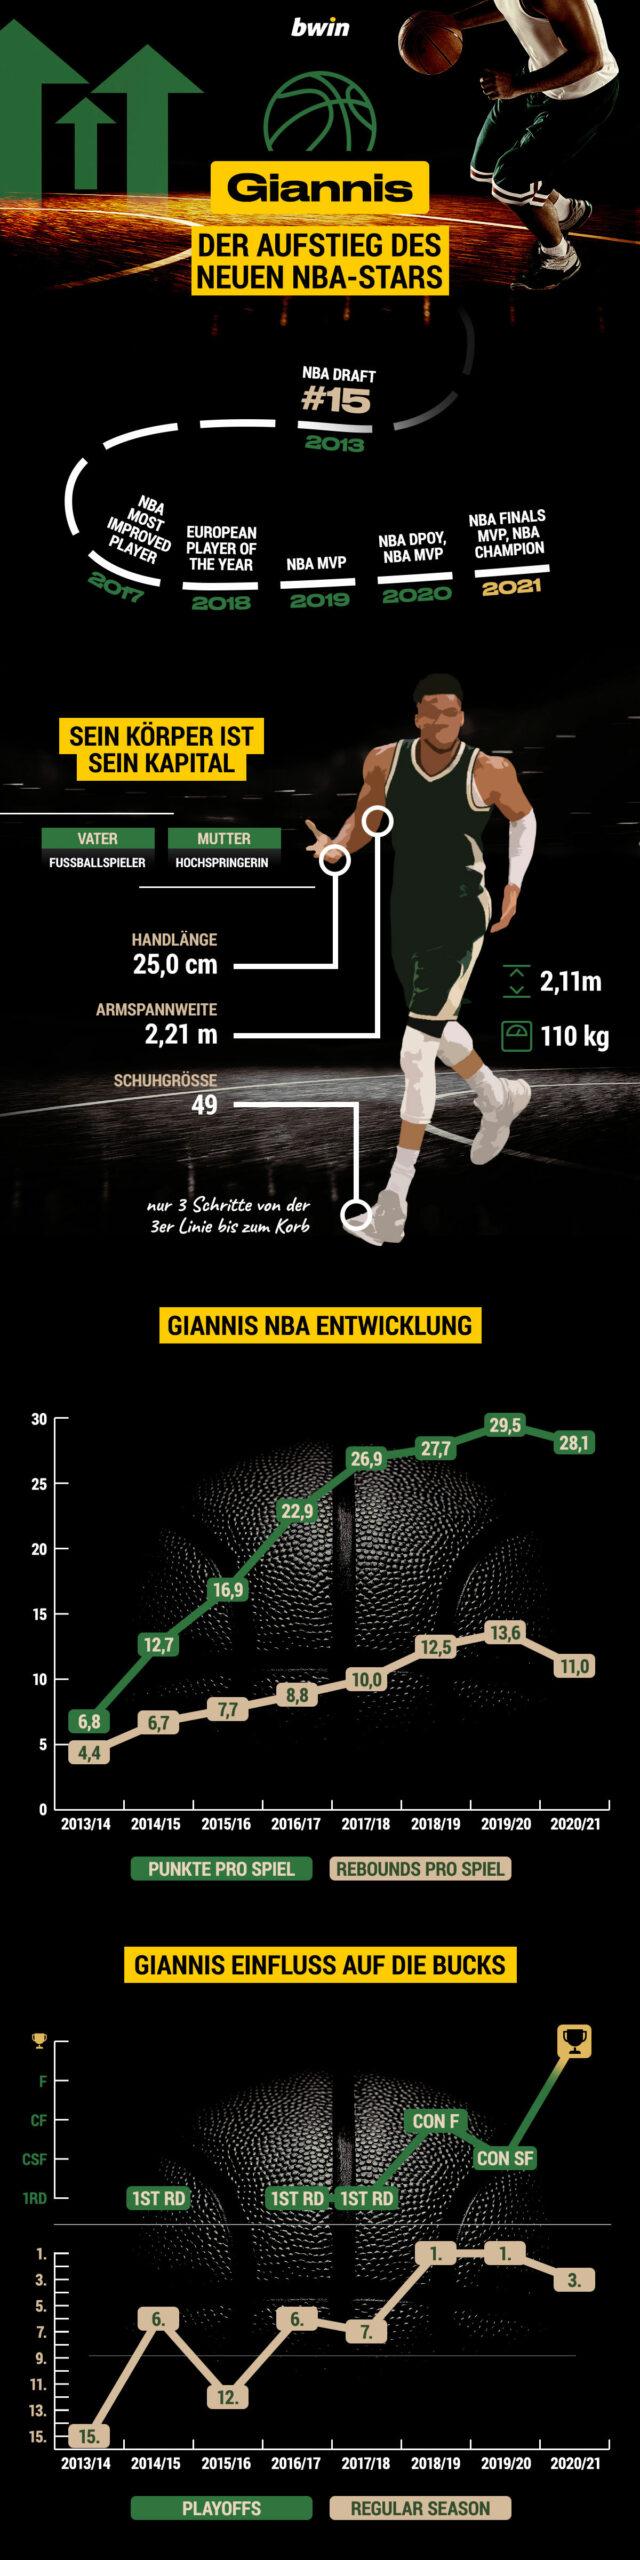 Giannis Antetokounmpo NBA-Aufstieg